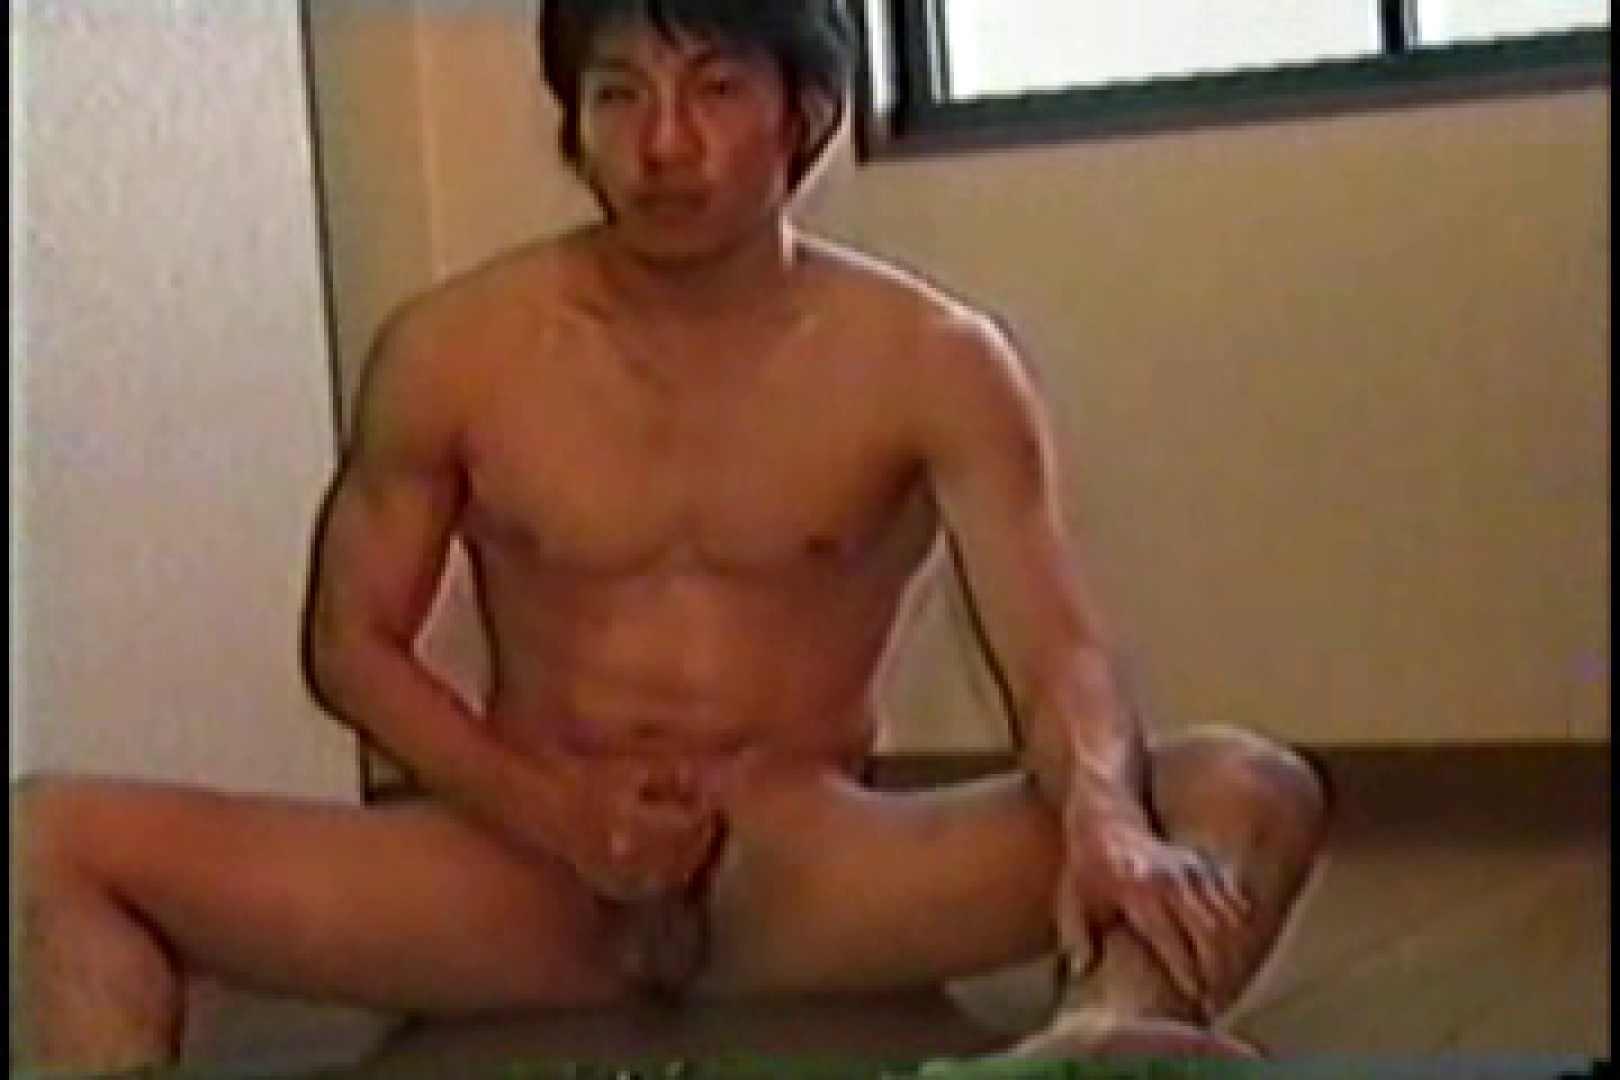 『ノンケ・スポーツマンシップとは・・・! ! 』 第6戦 オナニー ゲイ無料エロ画像 111枚 99